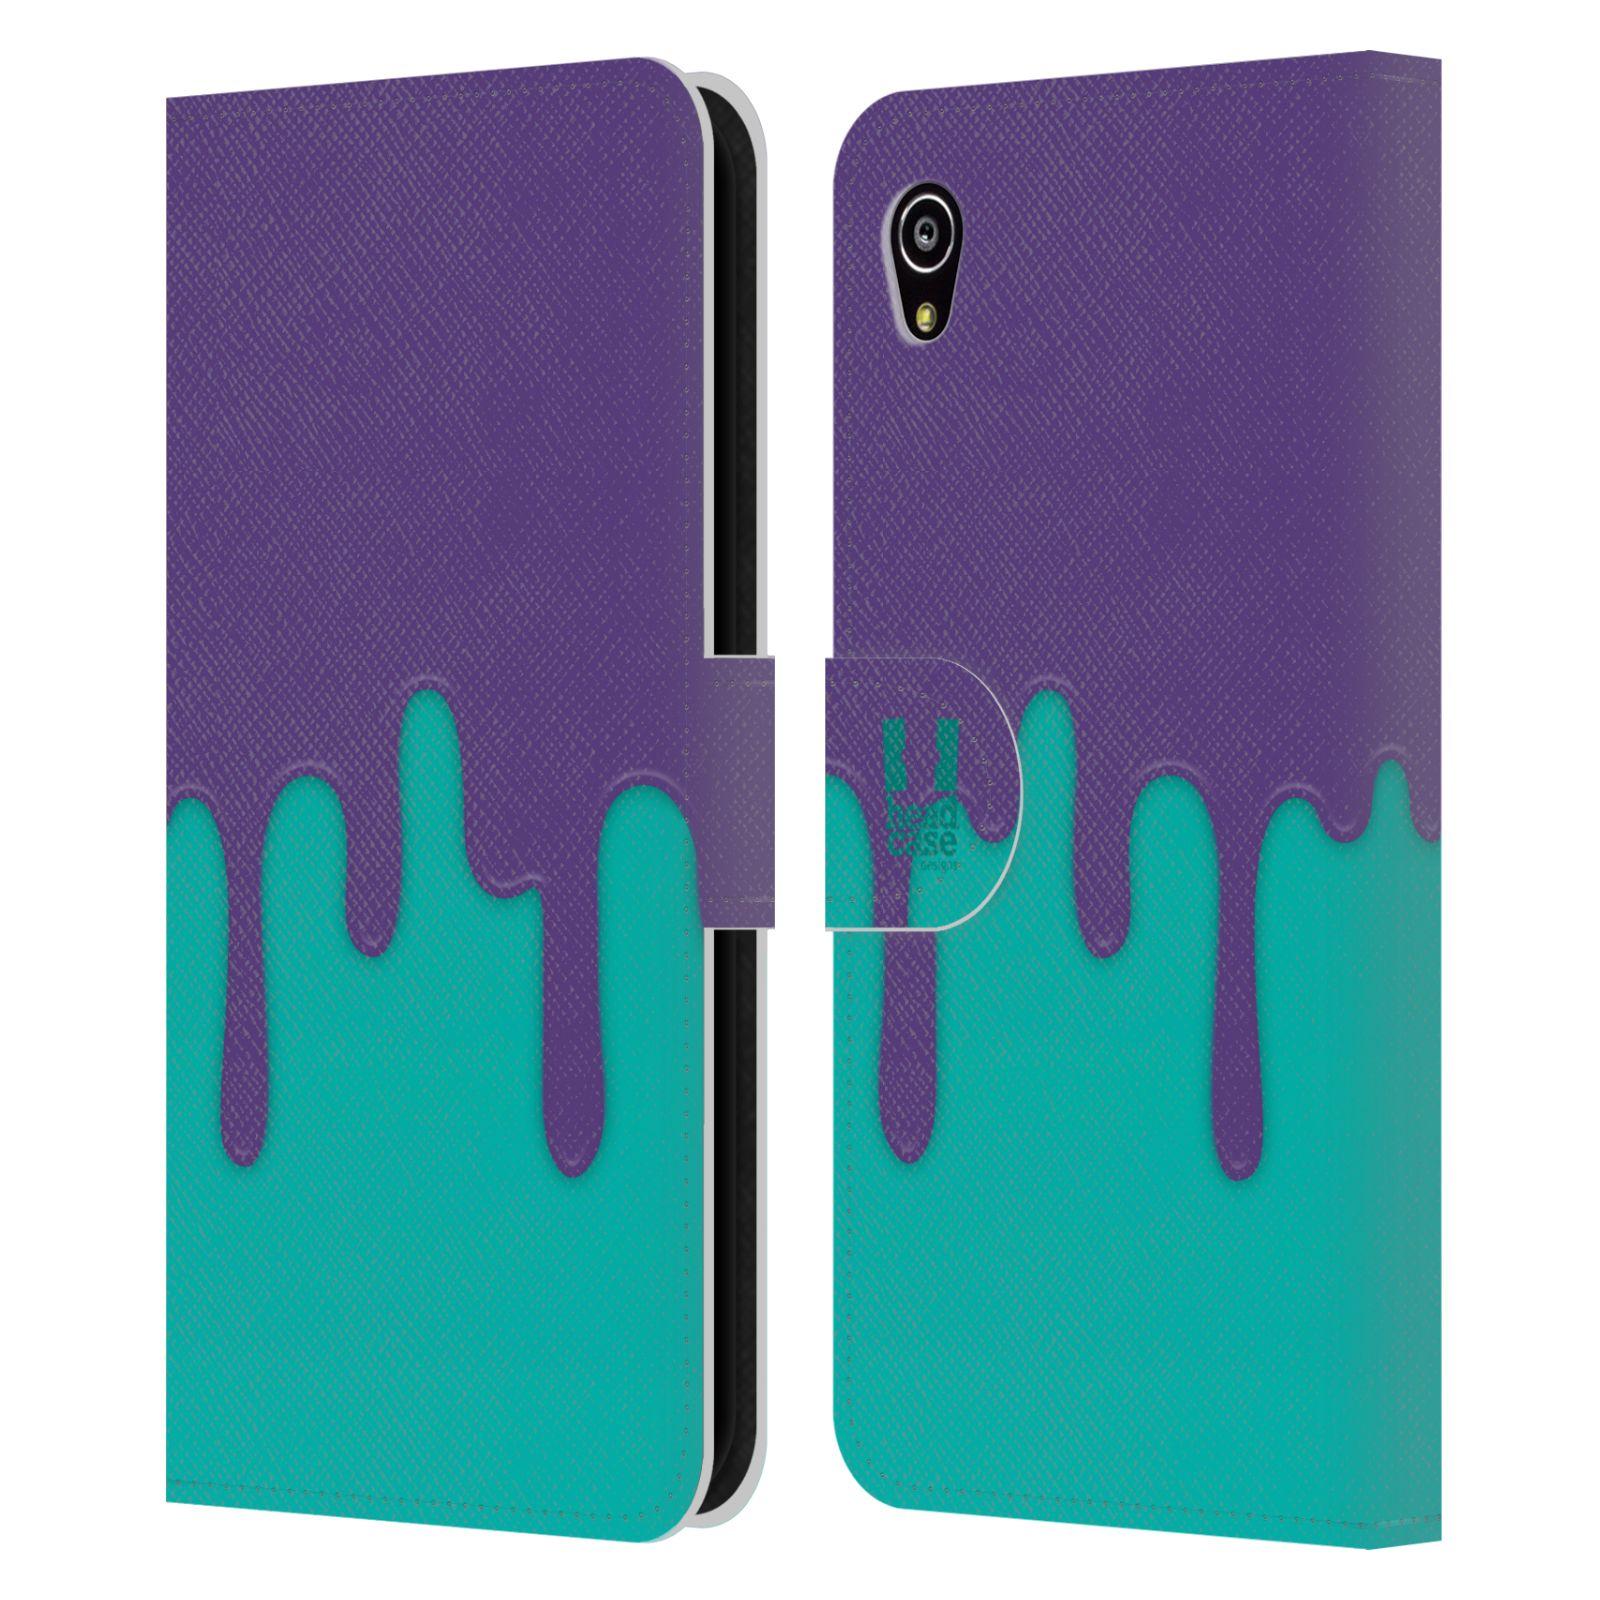 HEAD CASE Flipové pouzdro pro mobil SONY XPERIA M4 AQUA Rozlitá barva fialová a tyrkysová